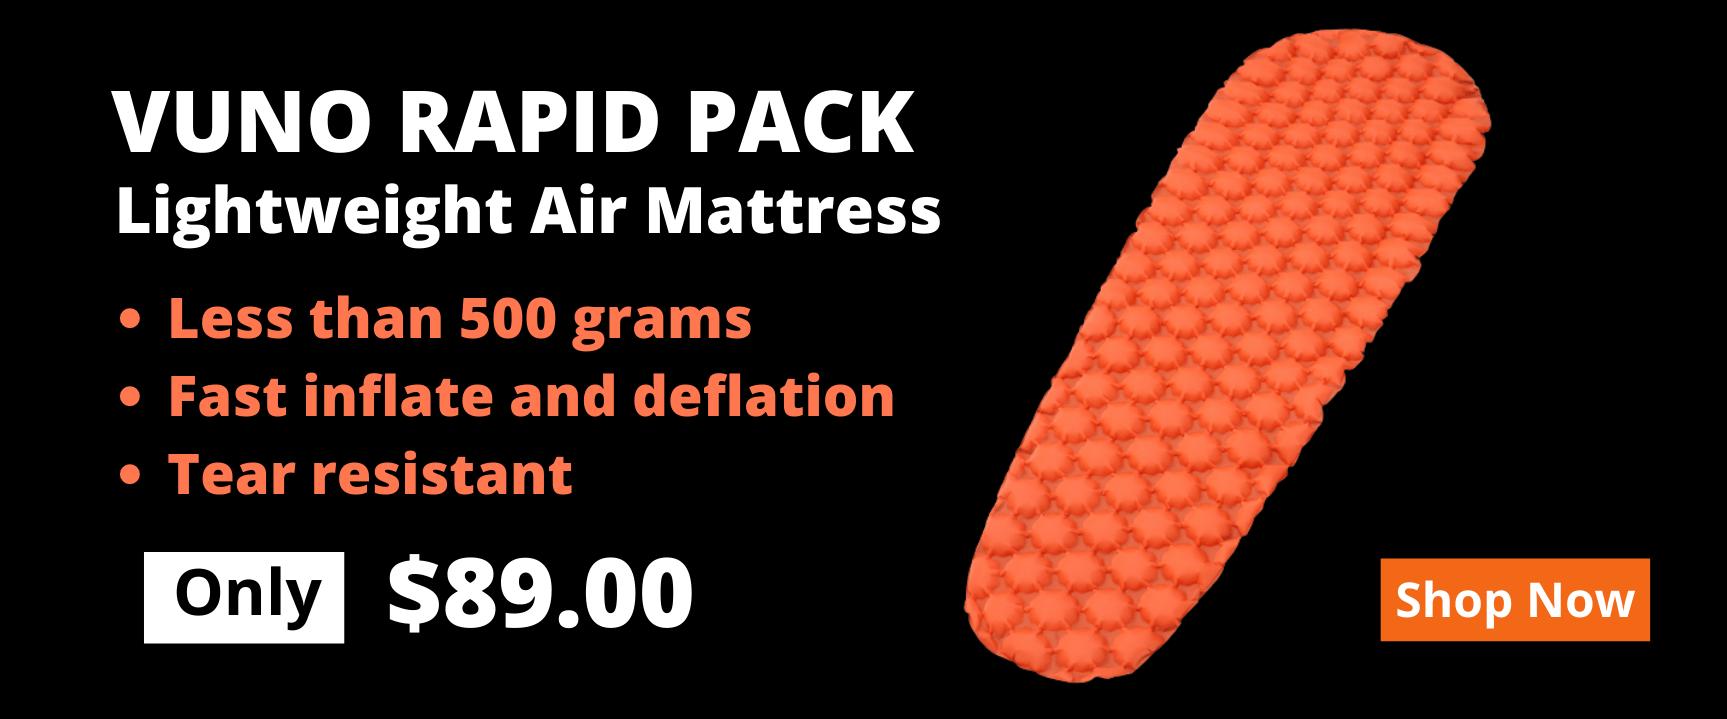 Vuno Rapid Pack Lightweight Mattress Banner 89